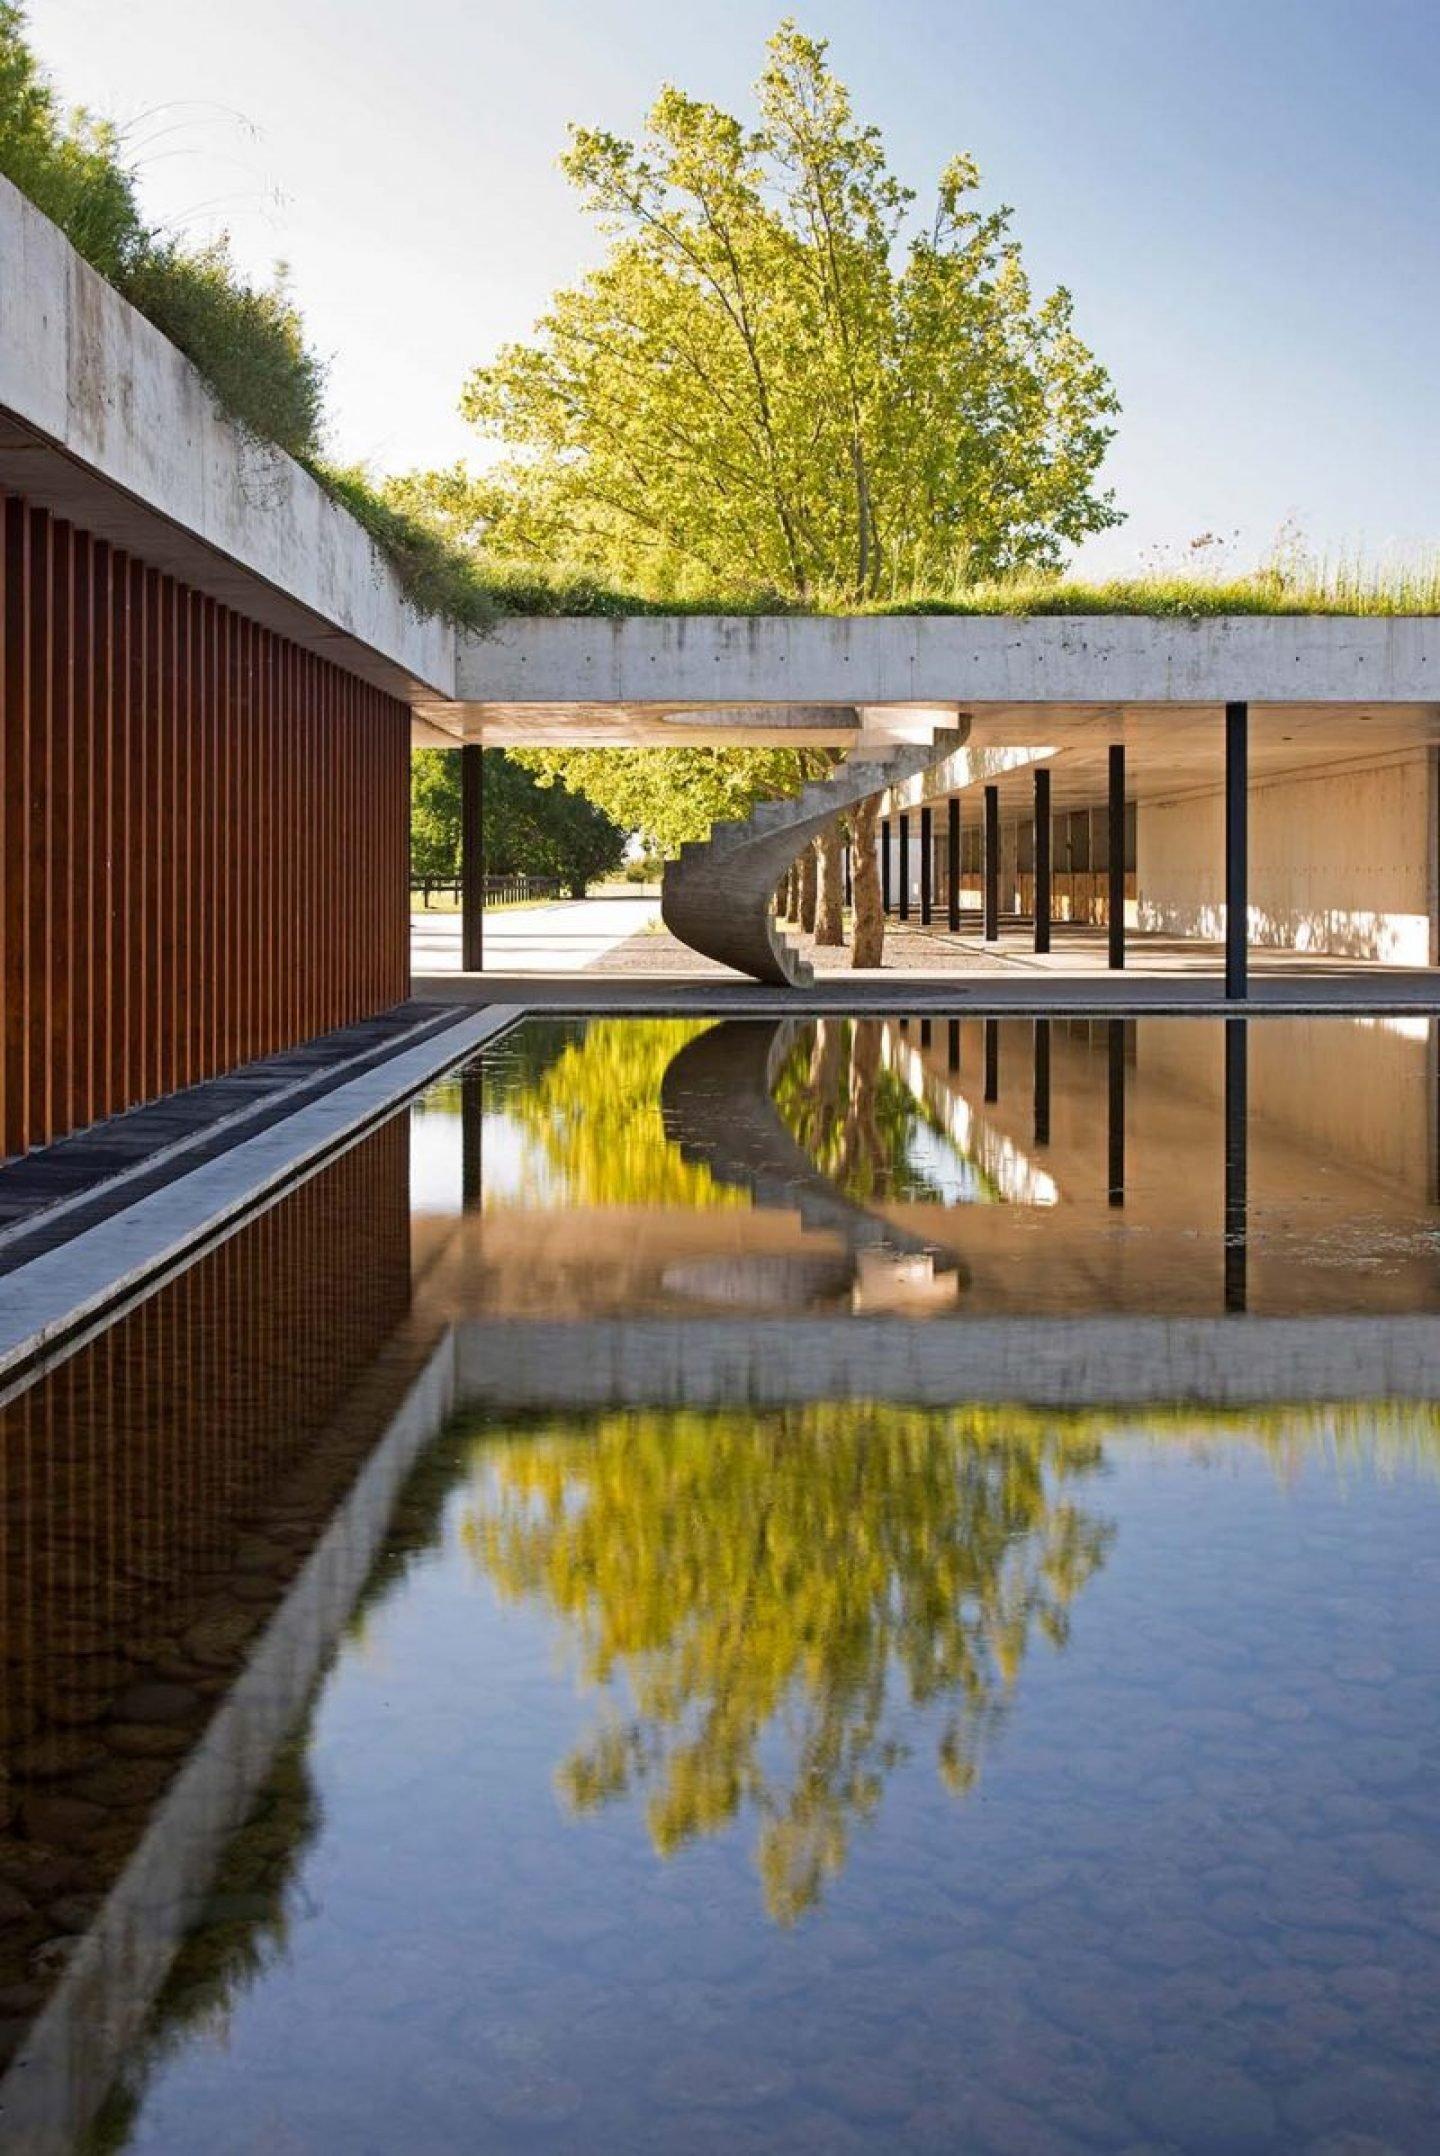 Architecture_FiguerasStables_EstudioRamos_12